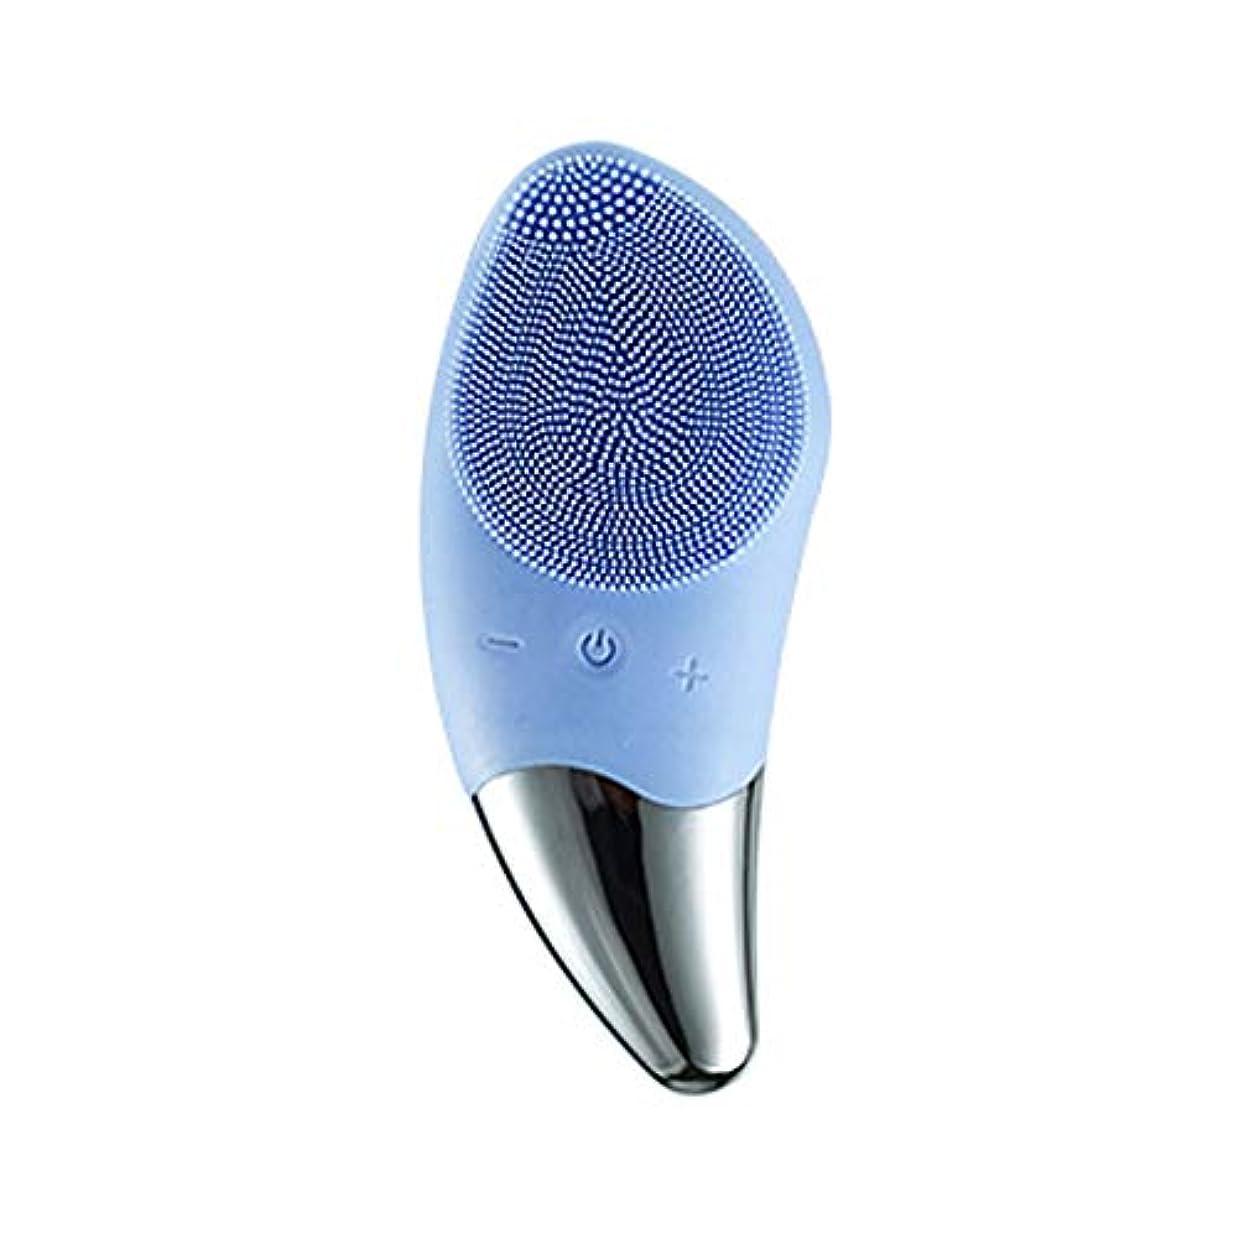 荒涼としたタップ確認するLYX オールスキンタイプクリーナーエレクトリックシリコーンクリーナー洗顔ケアマッサージ美容インストゥルメント (Color : 青)